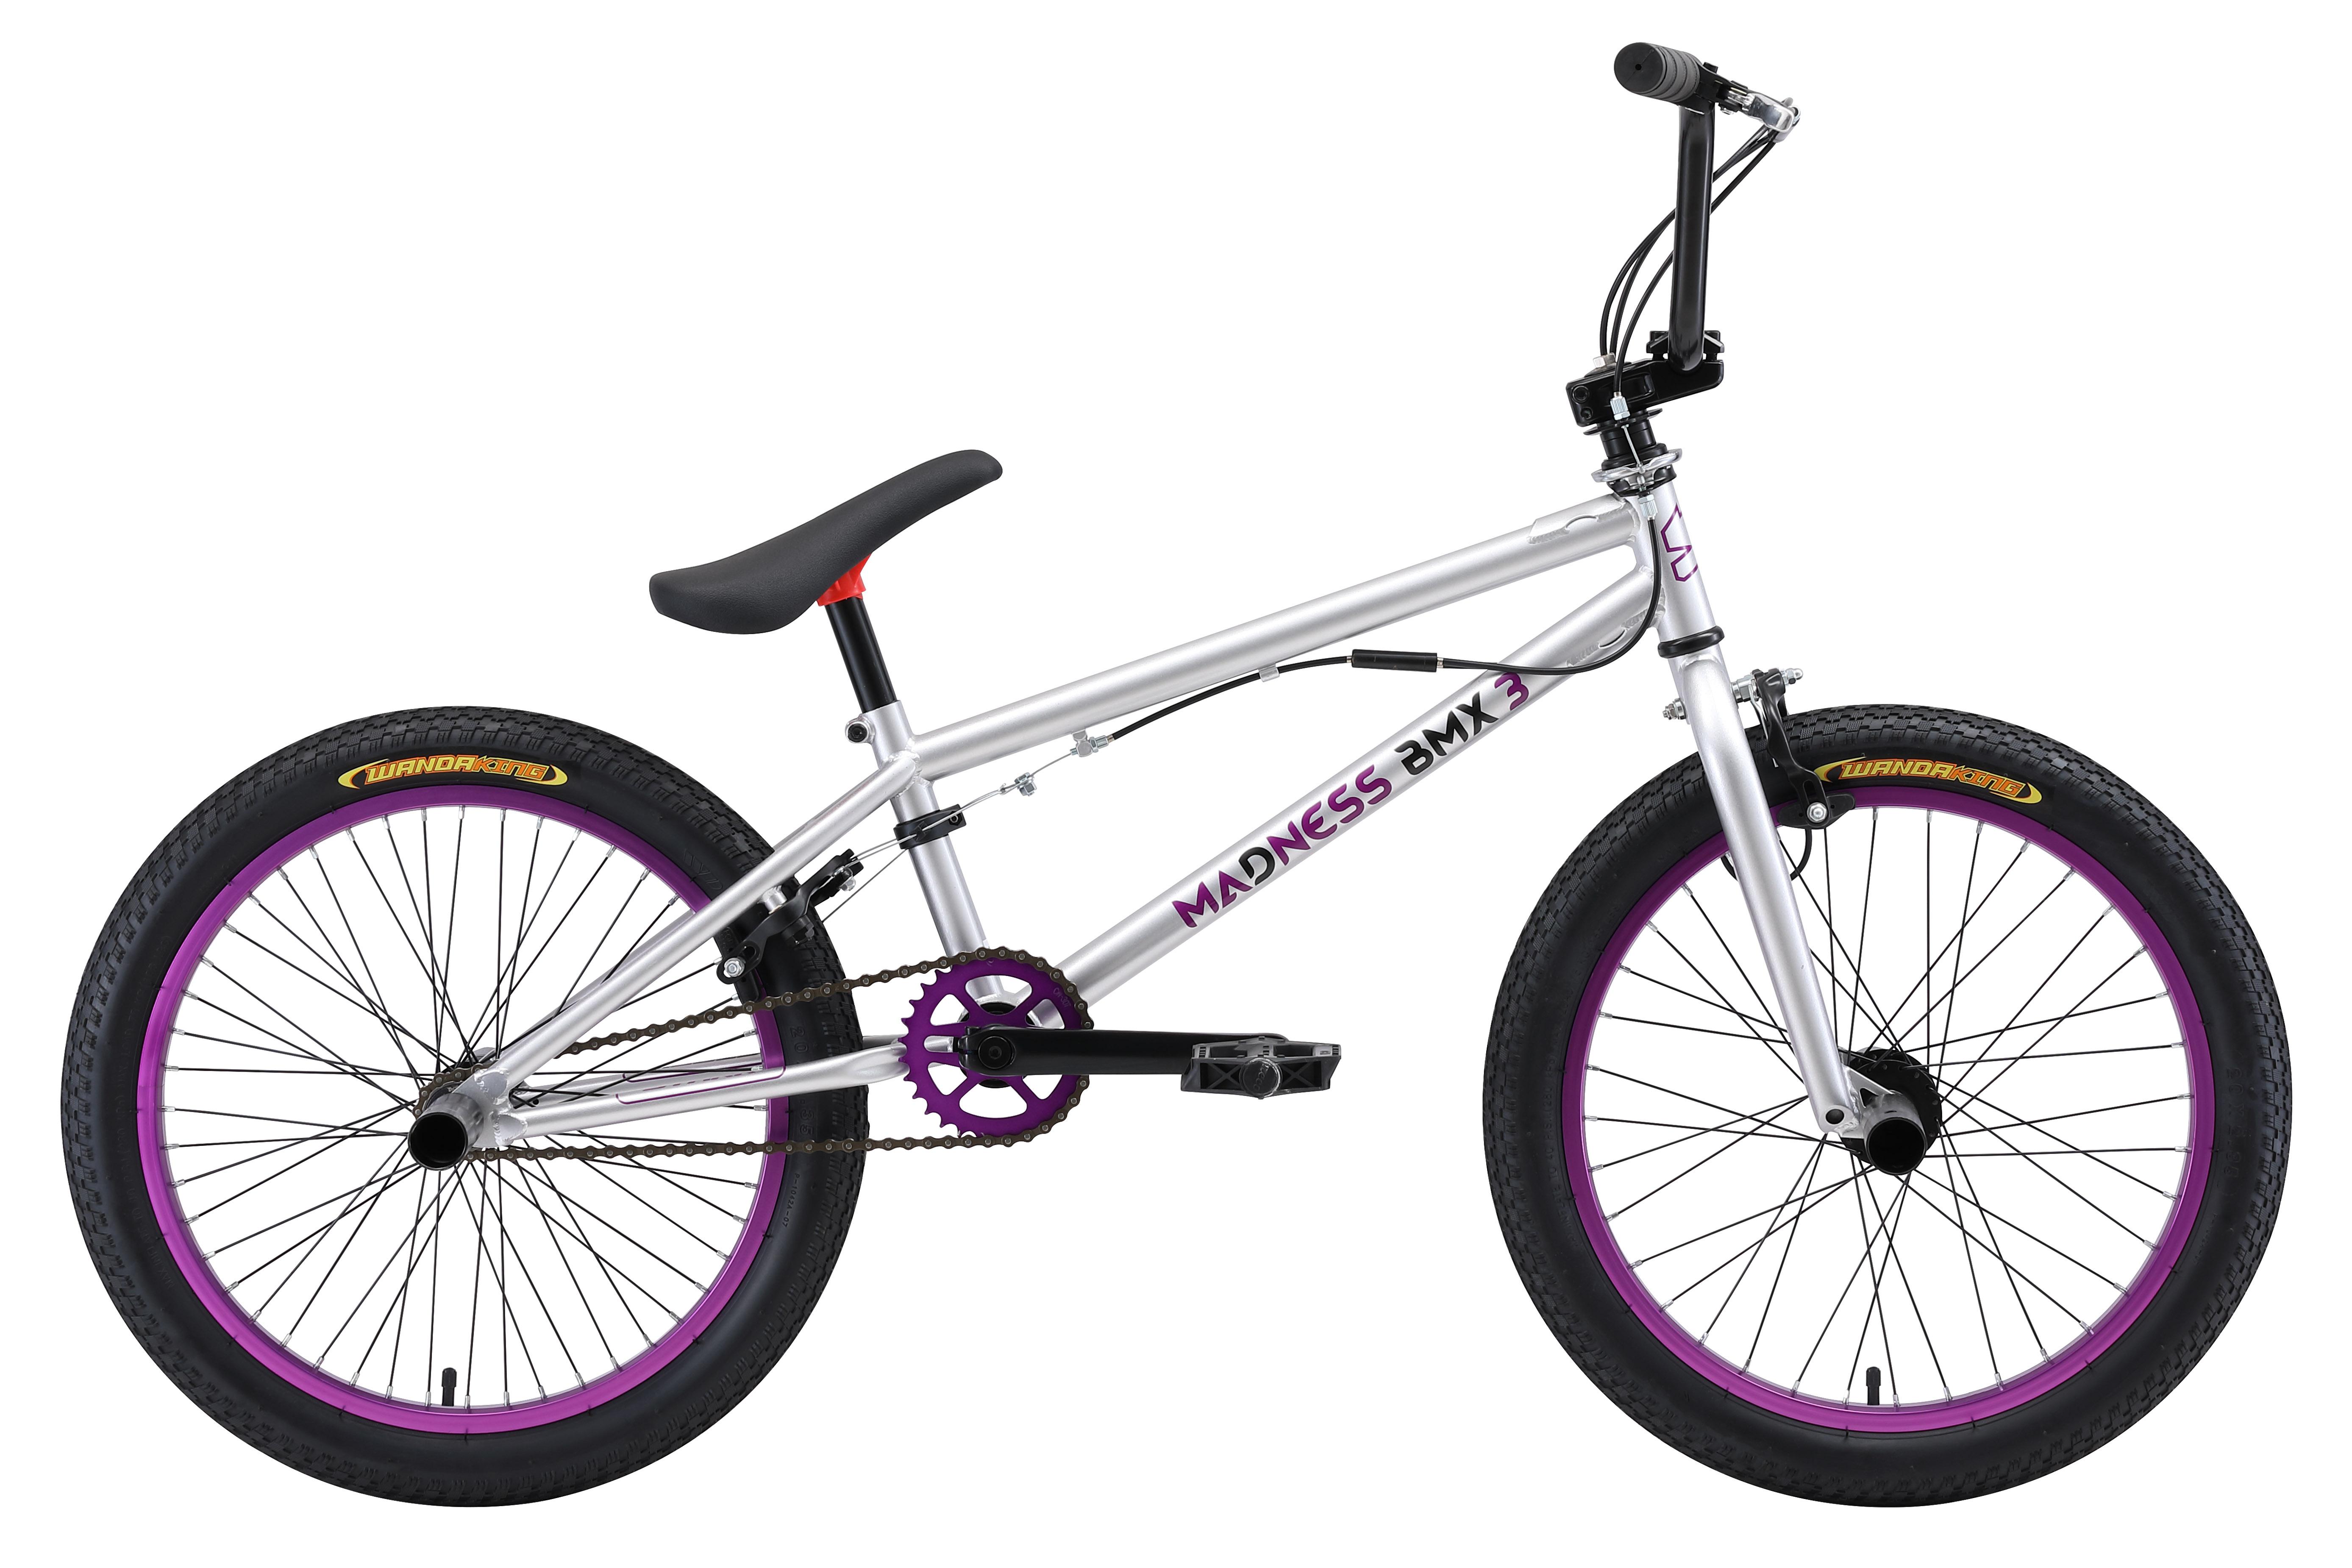 Велосипед Stark Madness BMX 3 (2018) серебристо-фиолетово-черныйBMX<br><br><br>бренд: STARK<br>год: 2018<br>рама: Сталь (Hi-Ten)<br>вилка: Жесткая (сталь)<br>блокировка амортизатора: Нет<br>диаметр колес: 20<br>тормоза: Клещевые (U-brake)<br>уровень оборудования: Начальный<br>количество скоростей: 1<br>Цвет: серебристо-фиолетово-черный<br>Размер: None